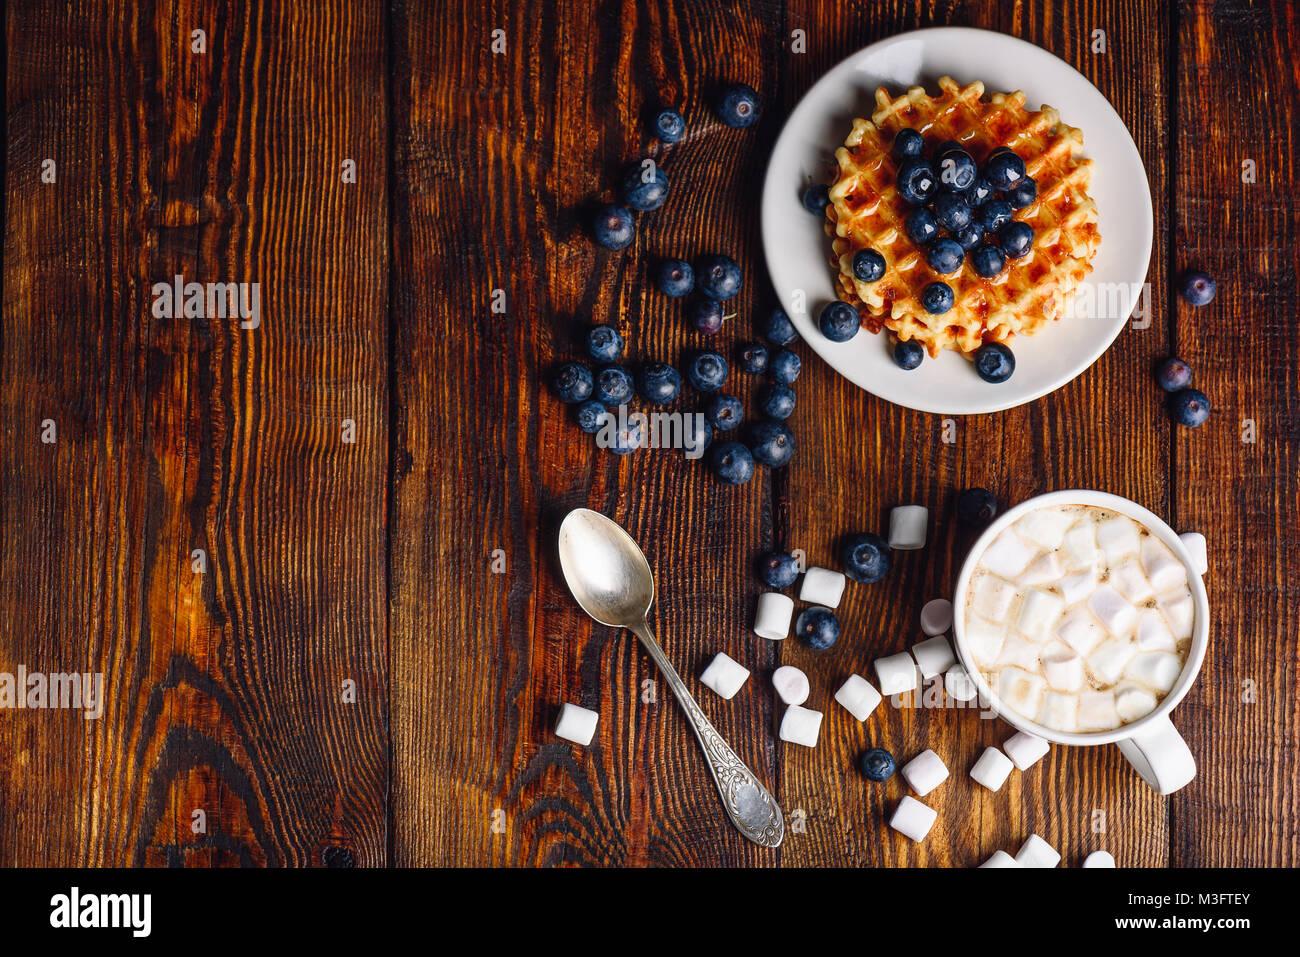 Taza de chocolate caliente con malvavisco y galletas caseras con arándanos frescos y Topping en placa. Copie el espacio a la izquierda. Vistas desde arriba. Foto de stock